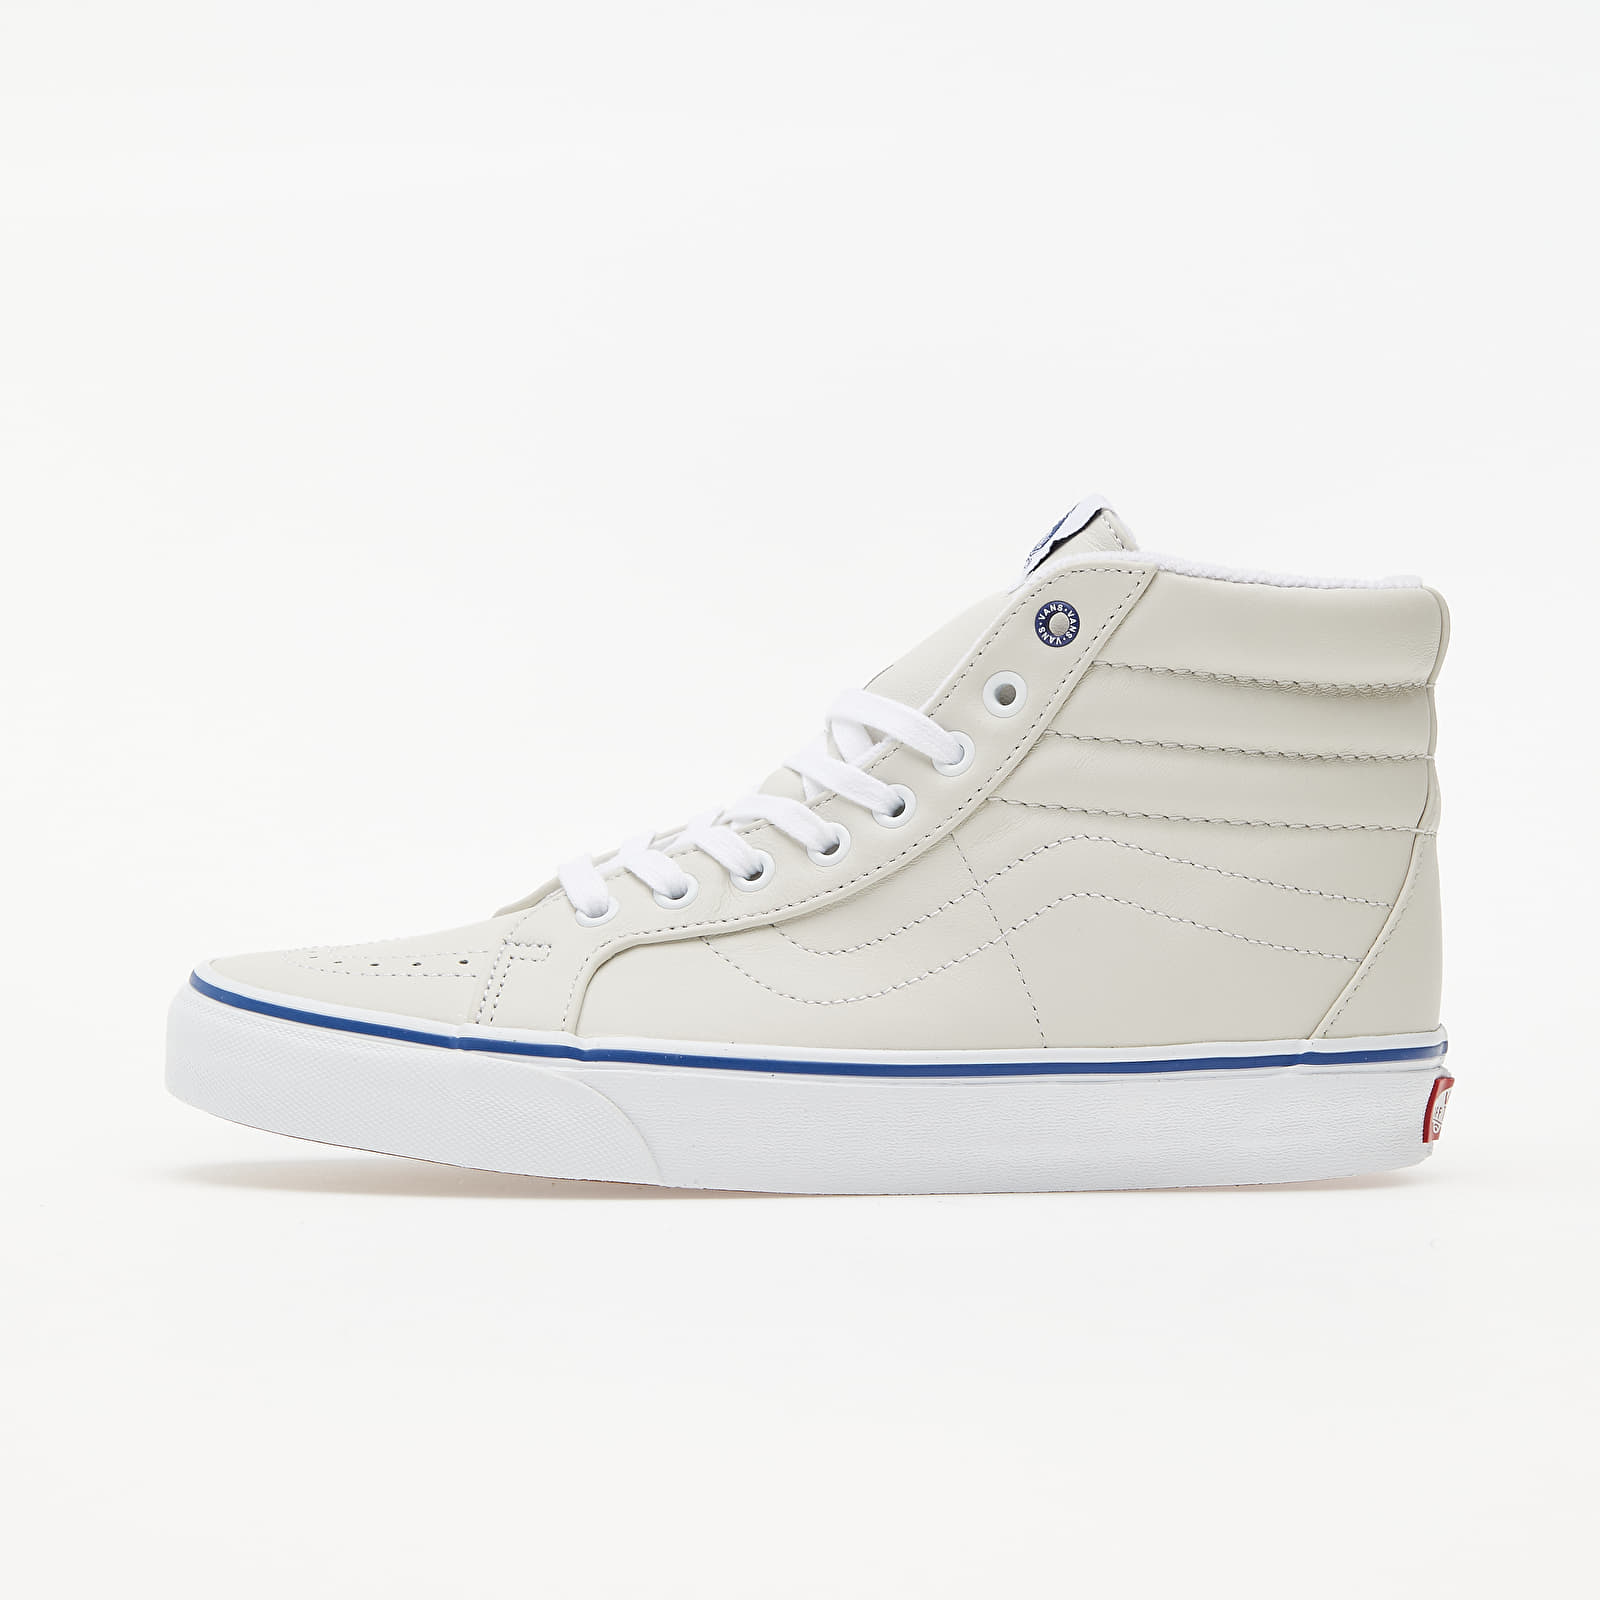 Vans Sk8-Hi Reissue (Butter Leather) True White/ Limoges VN0A4U3D2NU1